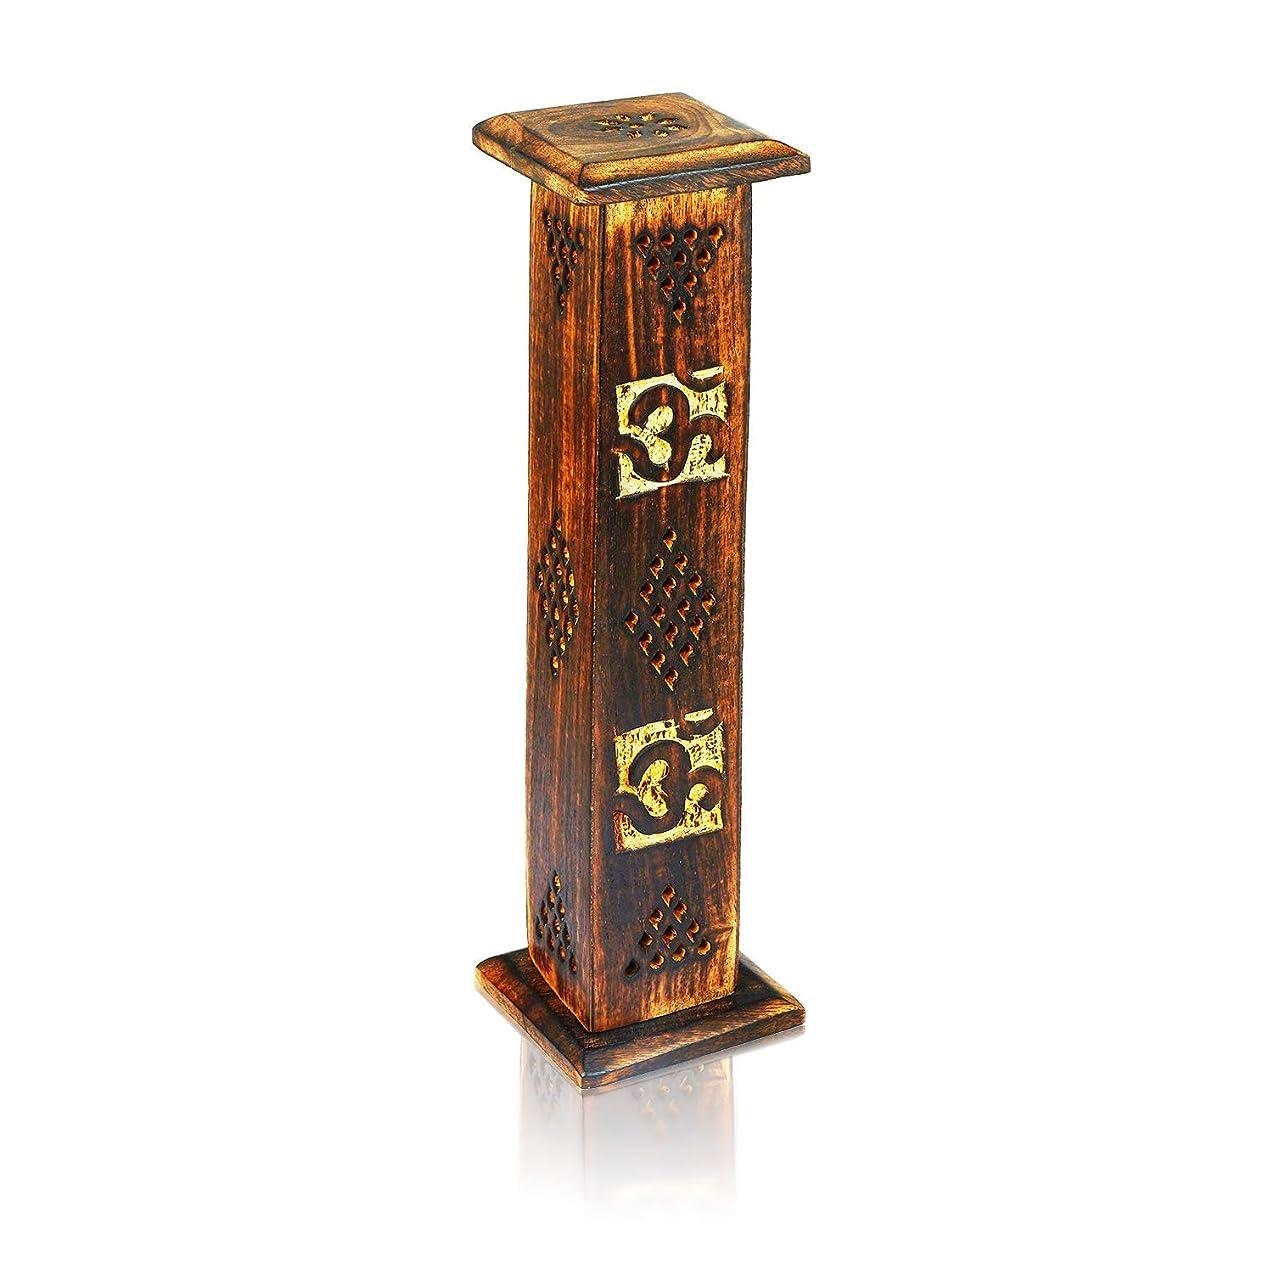 バブルトレイルデンマーク語母の日ギフト木製お香スティックコーンバーナーホルダータワーLarge有機Eco Friendly Ashキャッチャー素朴なスタイル手彫りの瞑想ヨガアロマテラピーHome Fragrance製品